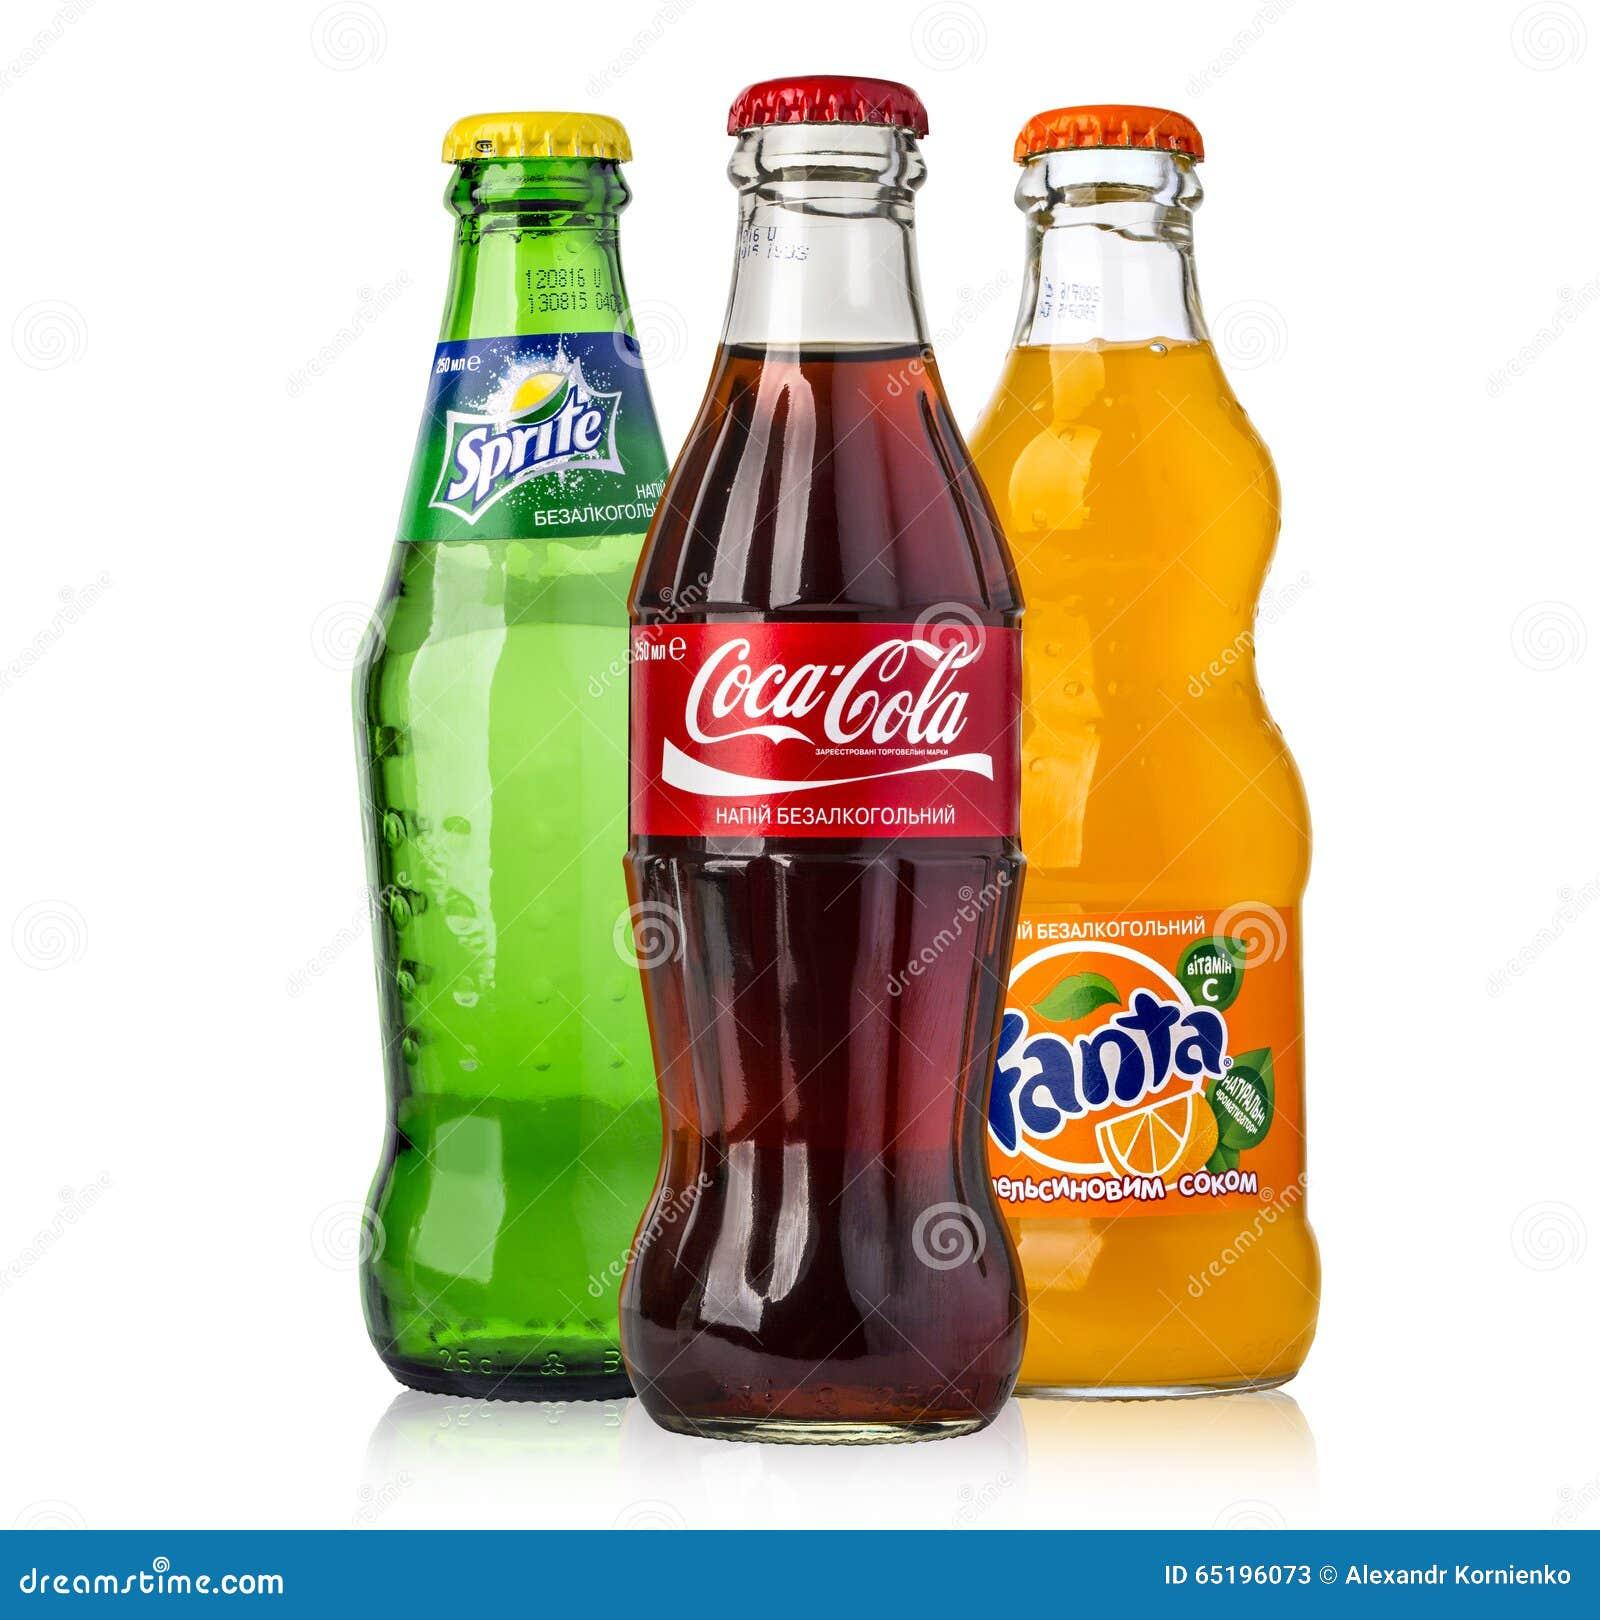 Botellas de cristal de coca cola de fanta y de sprite for Botellas de cristal ikea